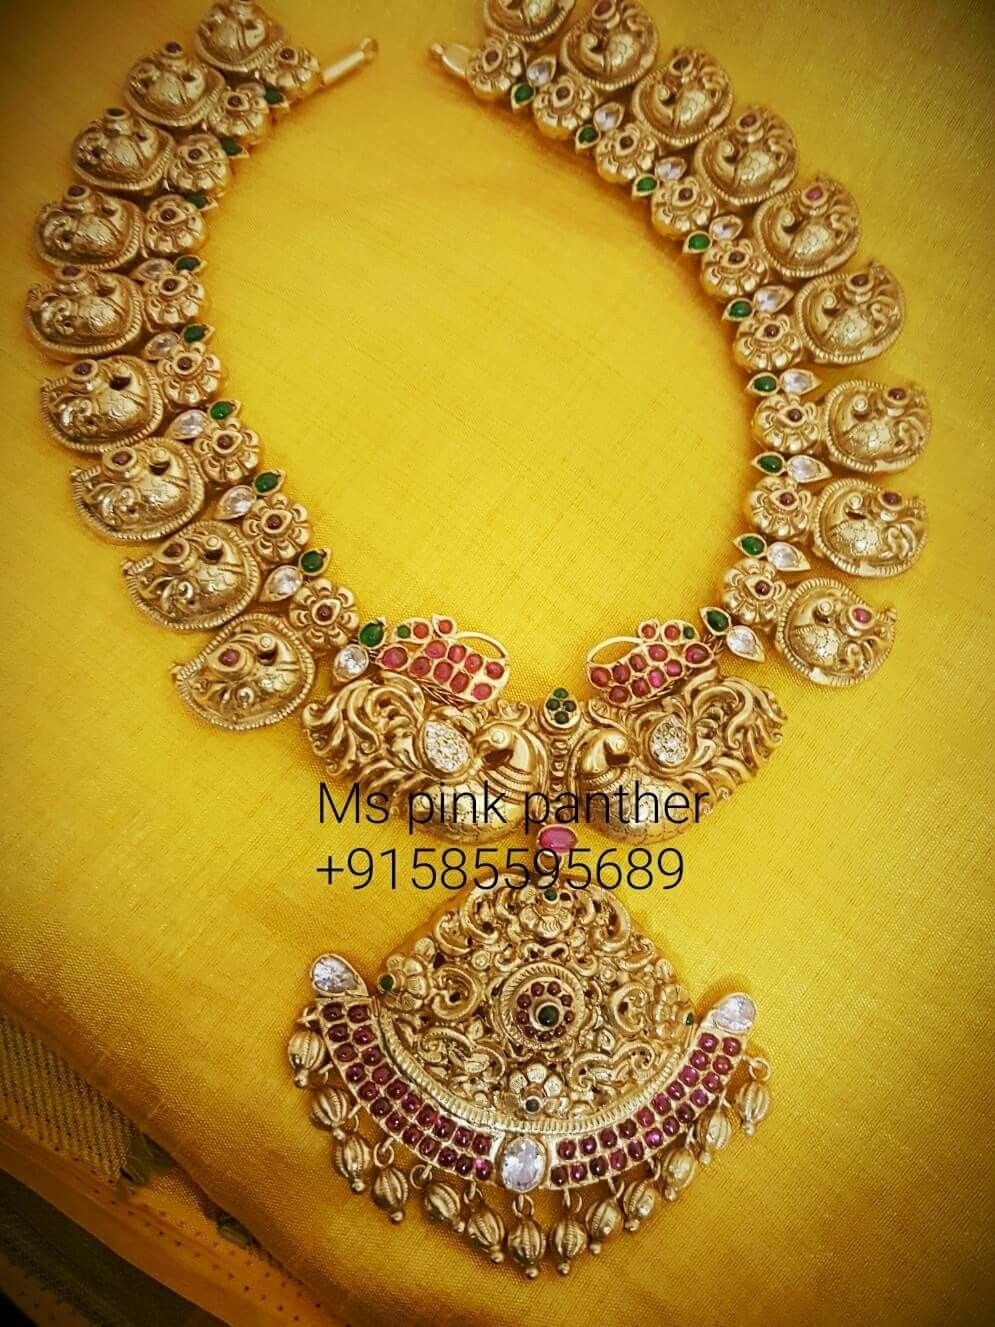 Pin by sujitha kondaveeti on jewel pinterest jewelry gold and